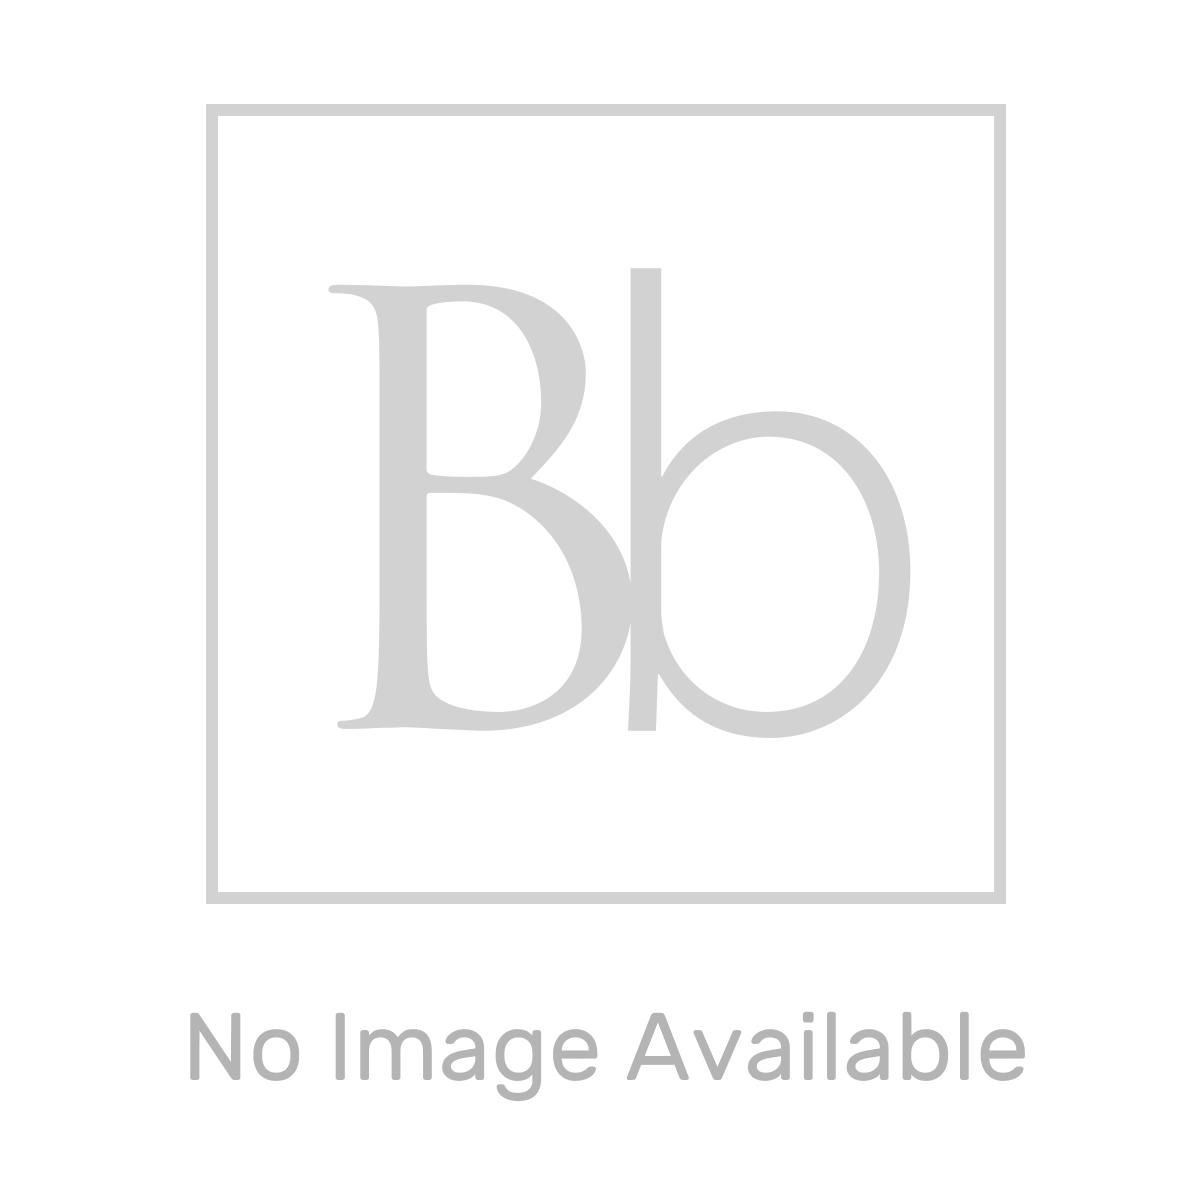 Frontline Razor Bath Shower Mixer Tap